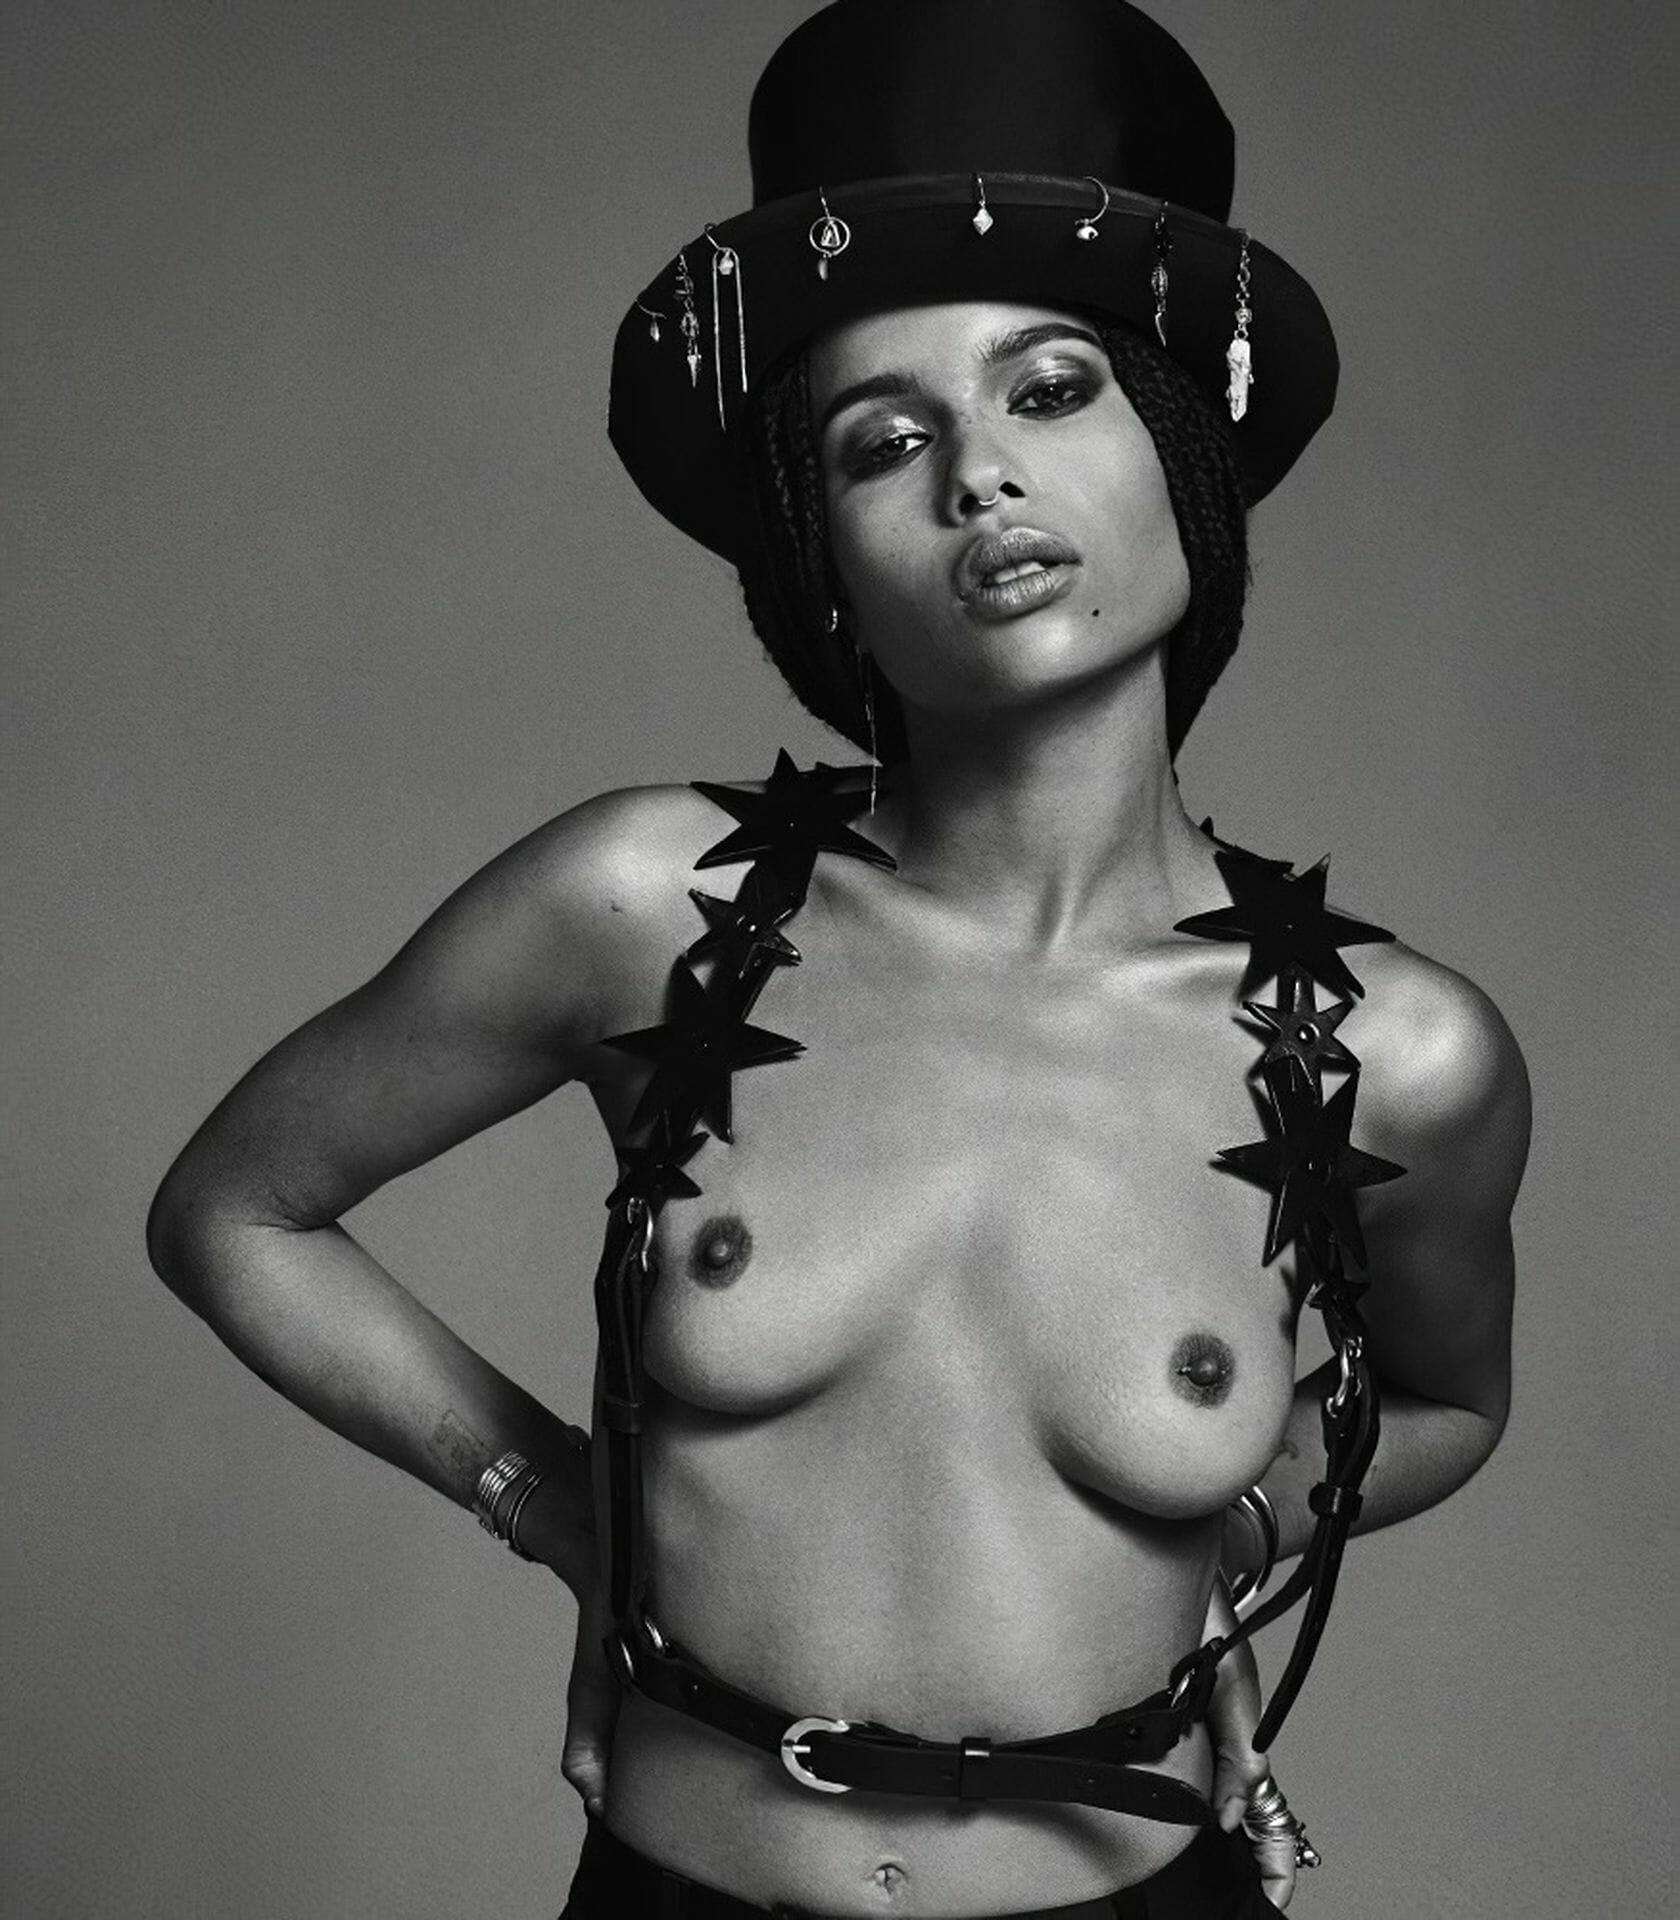 Zoë Kravitz topless photo